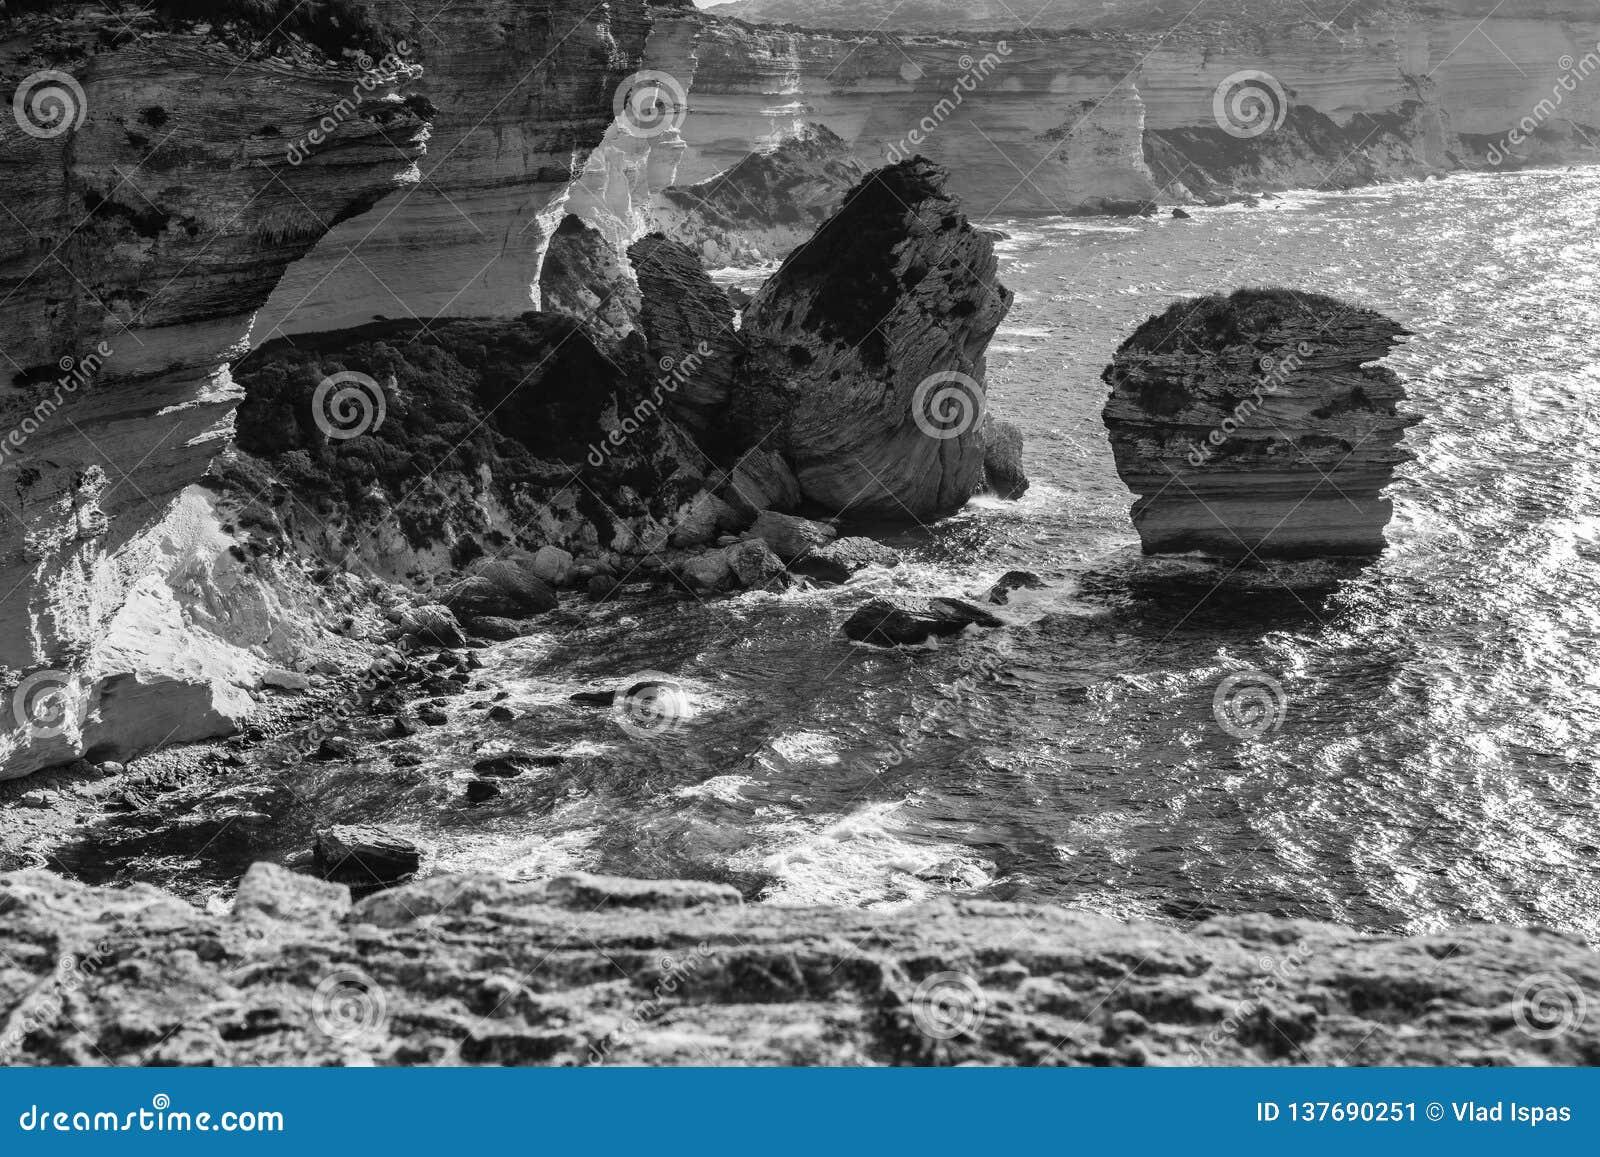 Vista panorâmica preto e branco da costa de mar rochosa do thr com água azul transparente clara, penhascos, rochas enormes, grama